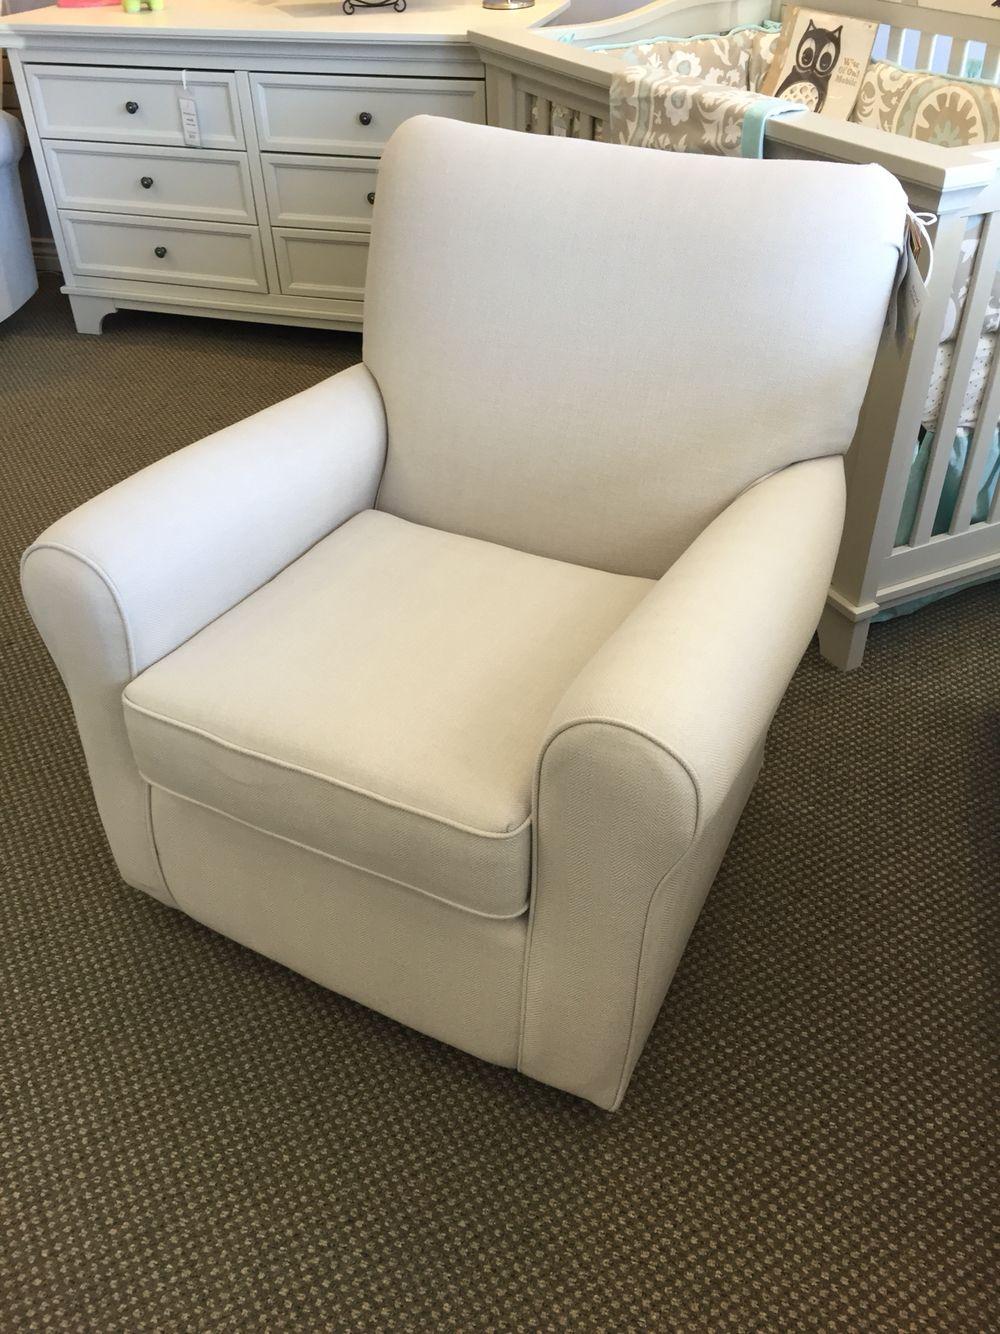 Best chair swivel glider - Best Chairs Hagen Swivel Glider In Platinum 25583 Stock 246669